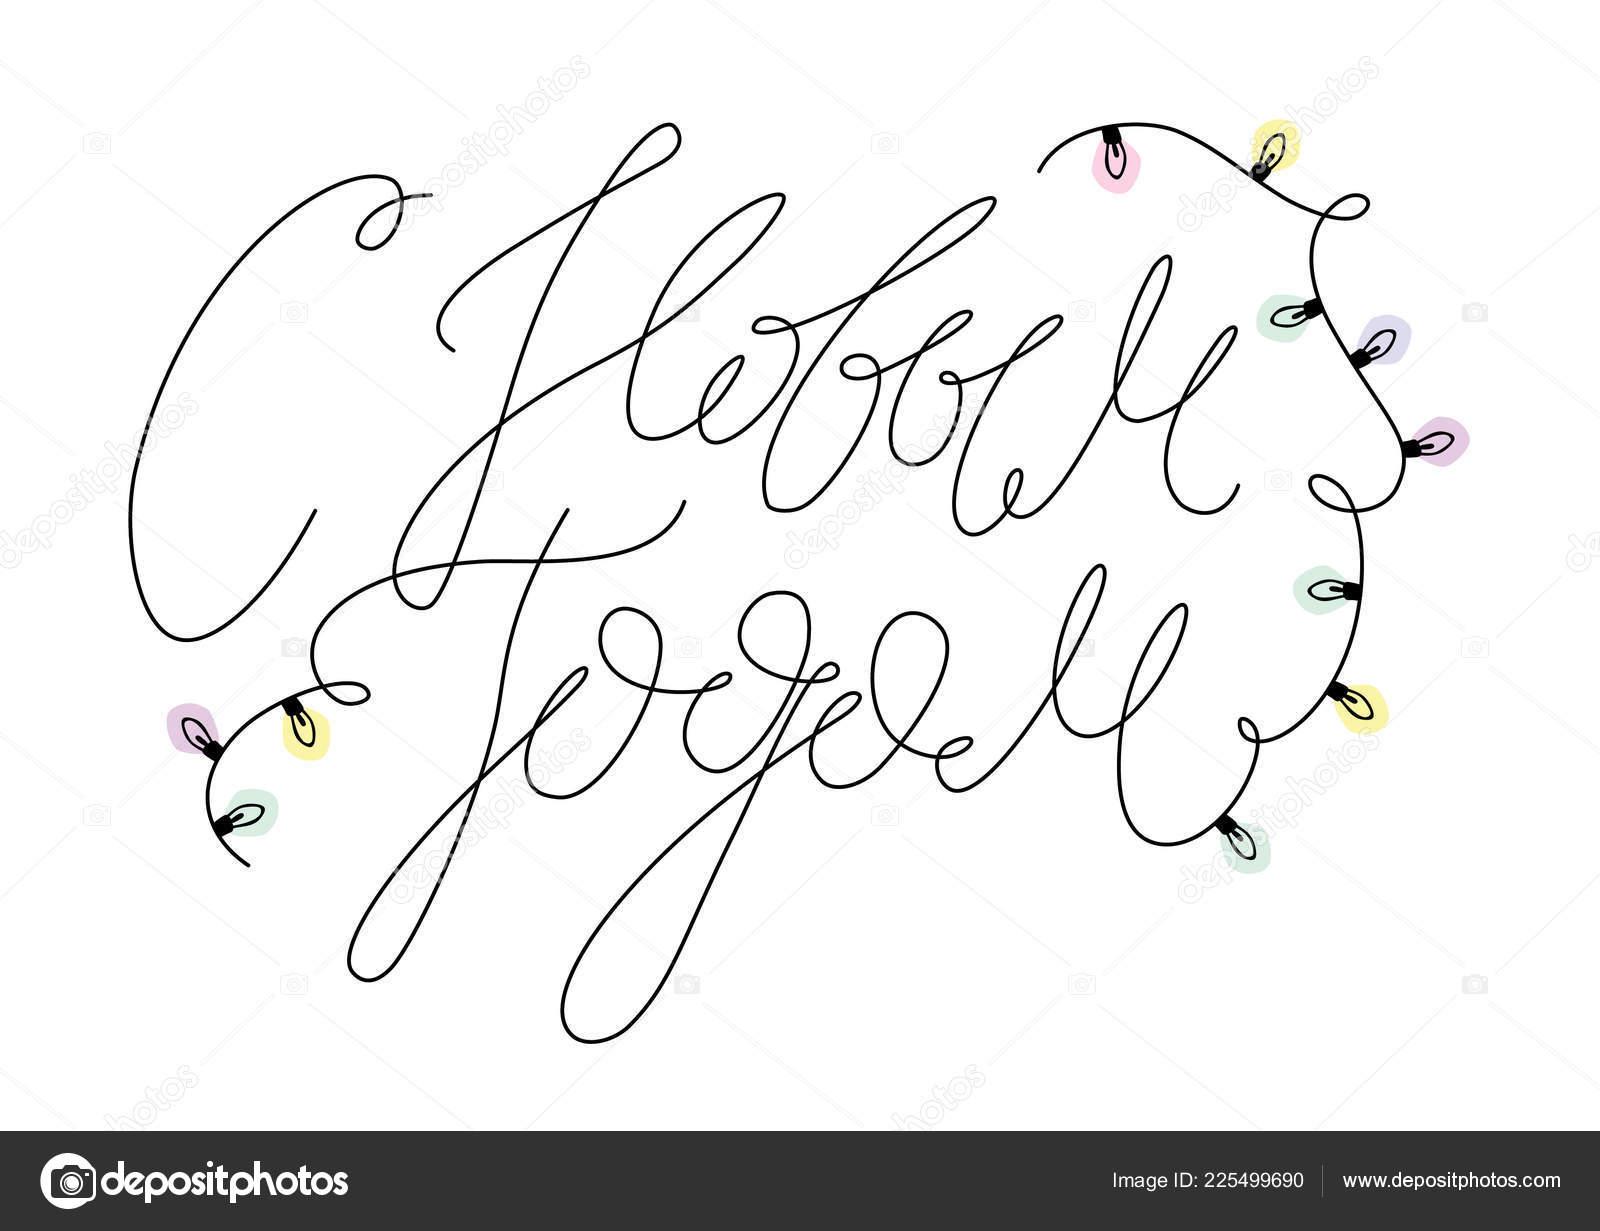 Weihnachtskarten Mit Kugelschreiber.Frohes Neues Jahr Russischer Sprache Mit Weihnachtsbeleuchtung